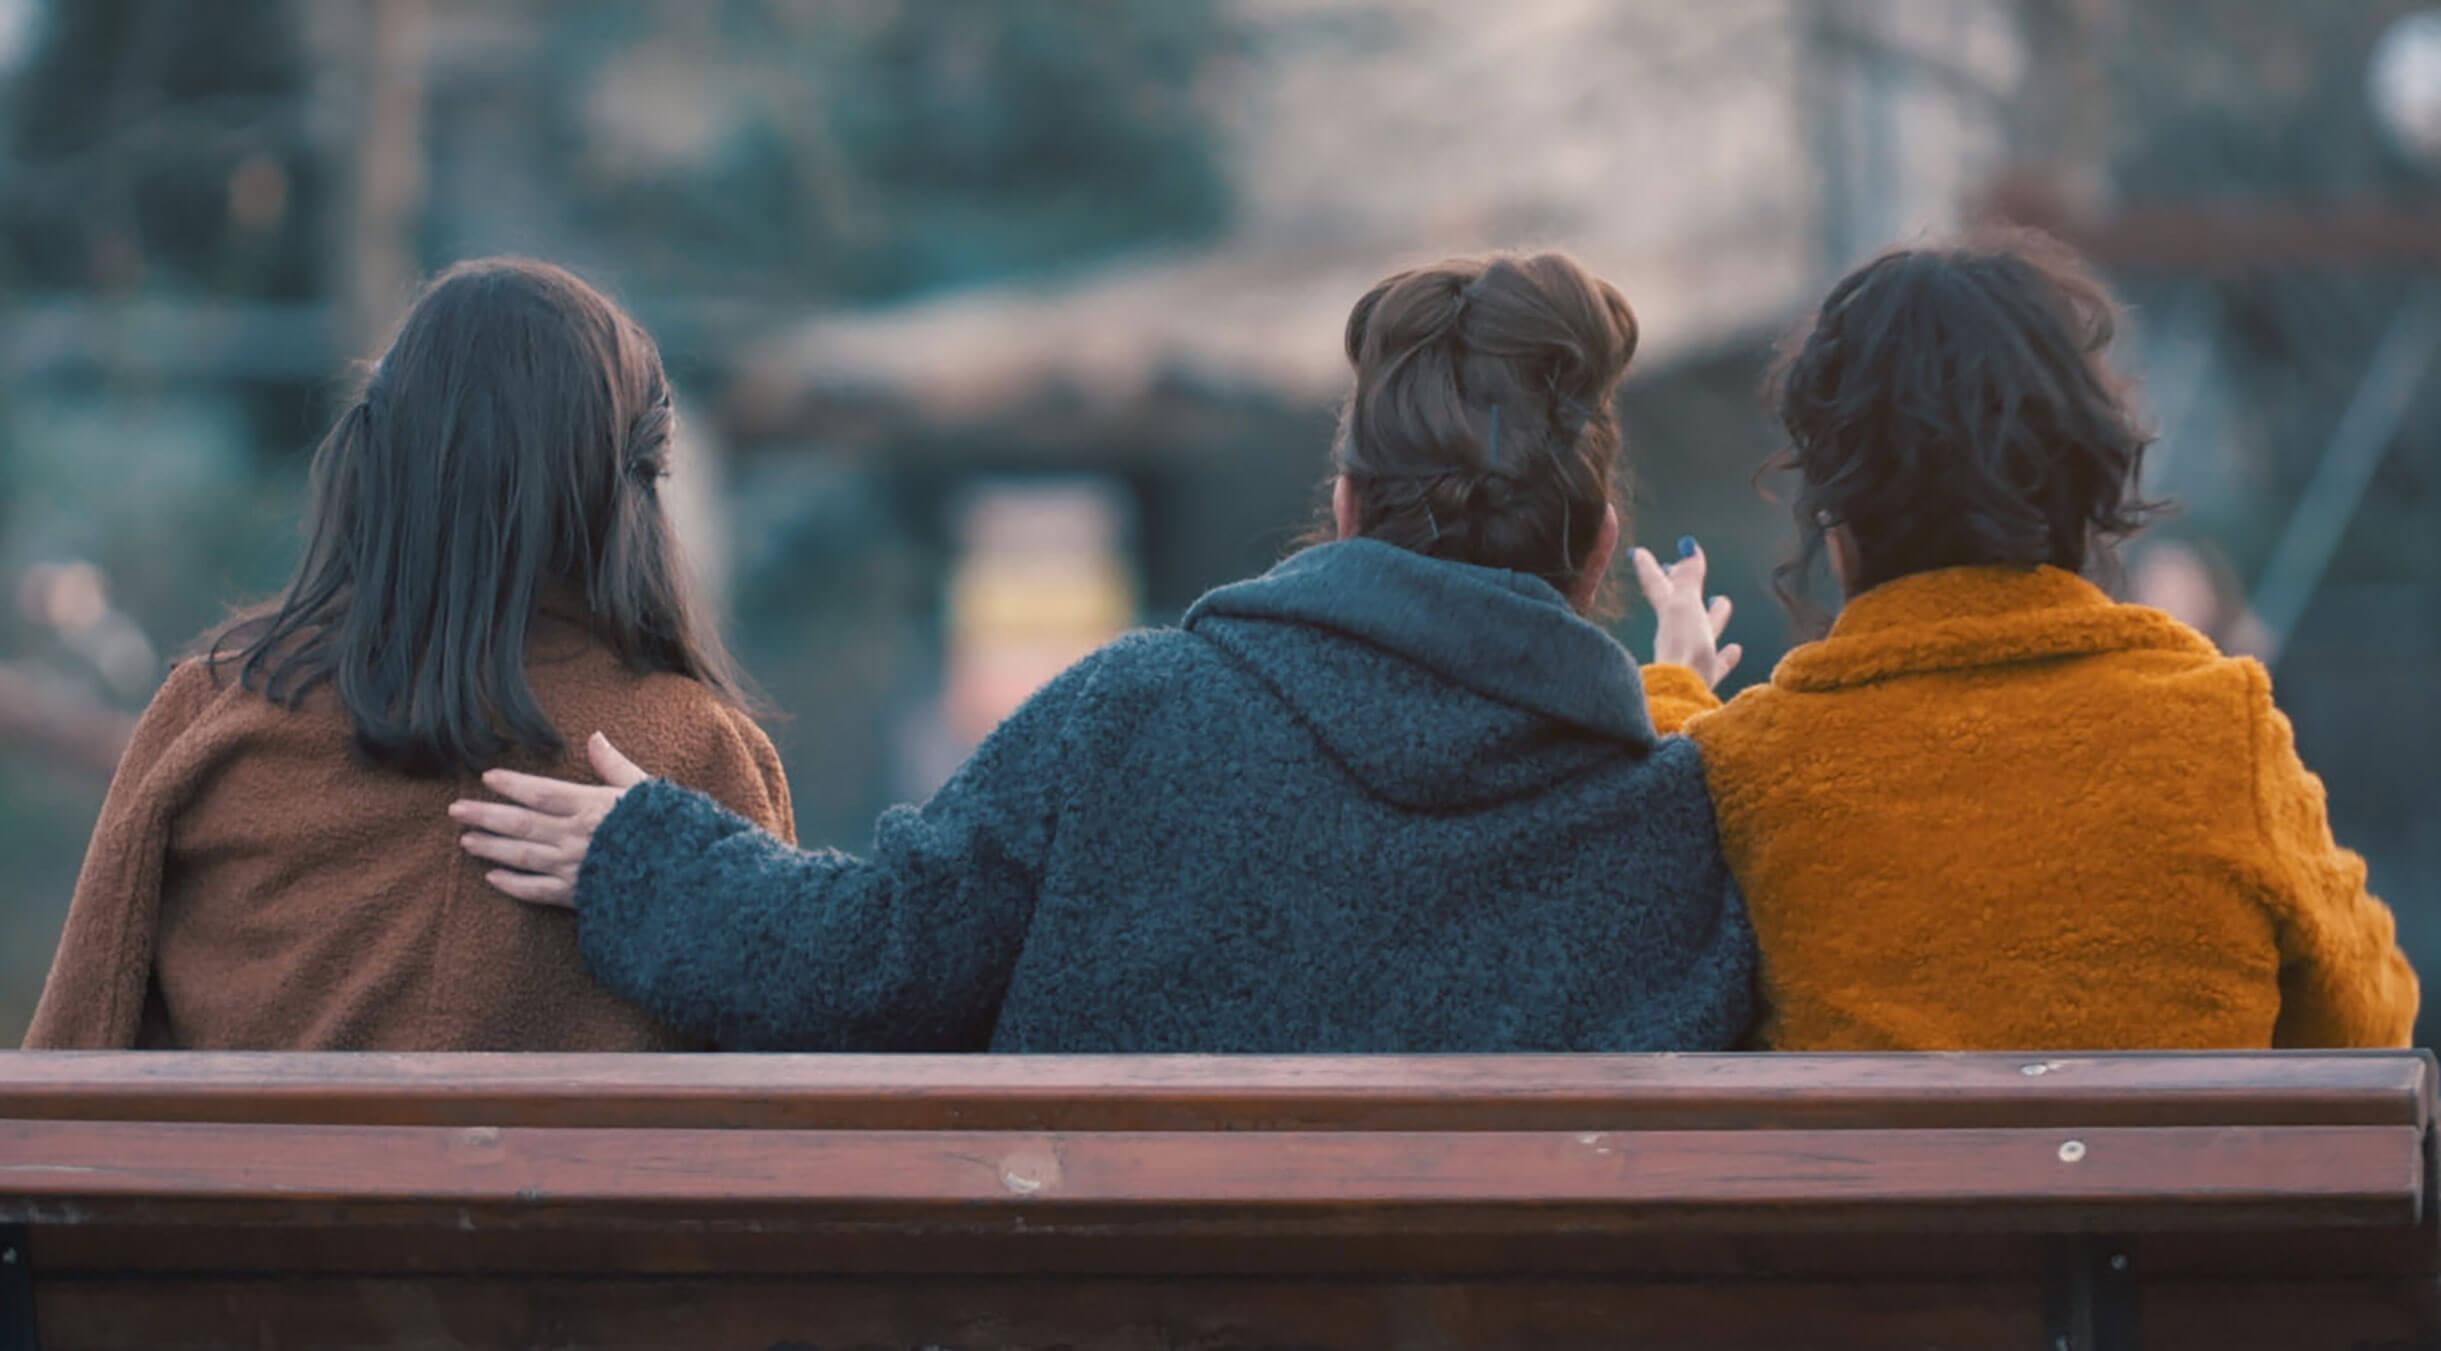 «Μαμάδες στο παγκάκι»: Όλες οι λεπτομέρειες για την καινούργια σειρά – video | Newsit.gr